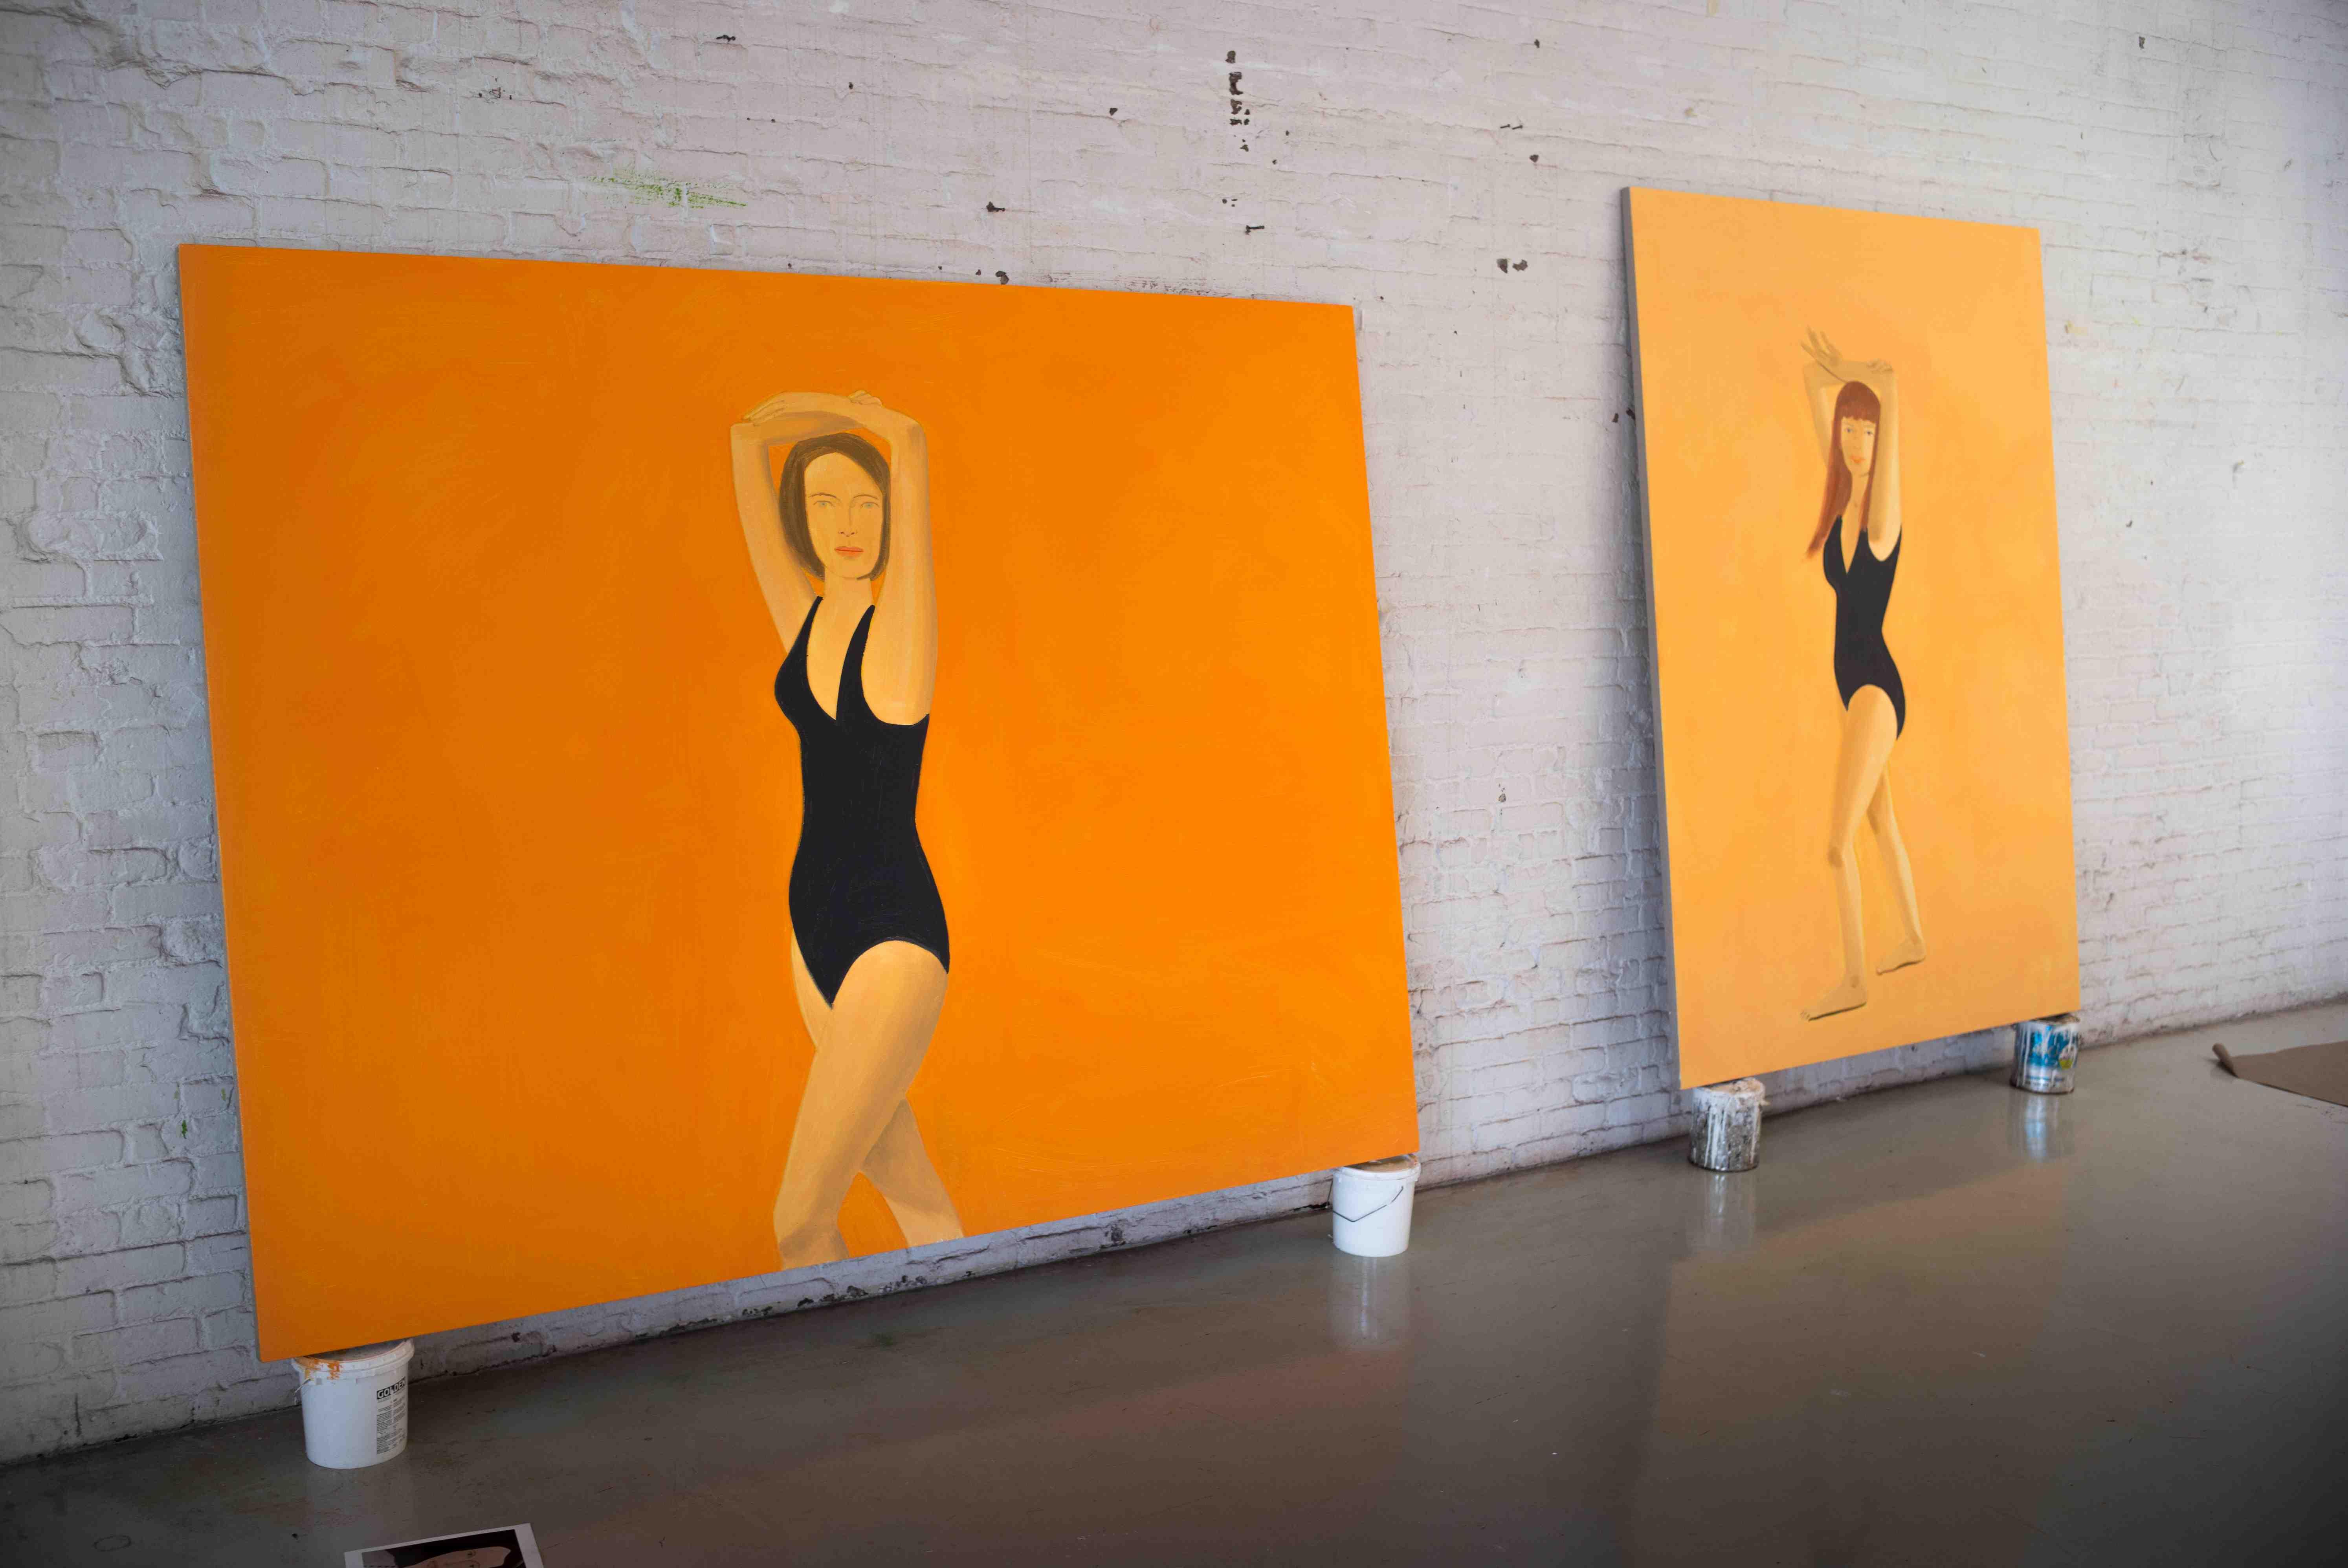 """L'atelier new-yorkais d'Alex Katz photographié par Marcus Gaab pour Numero.com.  La première singularité de ses peintures est bien, en effet, de sembler n'offrir aucune prise au temps qui passe : difficile, en vérité, de dire si telle œuvre date des années 60 ou des années 2000. A fortiori quand le sujet est indémodable : The Black Dress, une grande peinture de 1960, présente six femmes vêtues de la """"petite robe noire"""" chère à toutes les garde-robes féminines. Plus sérieusement, c'est à peine si la manière de peindre la peau et les ombres indique qu'une telle œuvre a aujourd'hui plus de 50 ans. Bientôt, la trace du pinceau disparaîtra totalement dans la réalisation des portraits au profit d'aplats impeccables concourant à un style totalement épuré, proche, peut-être, de l'illustration."""